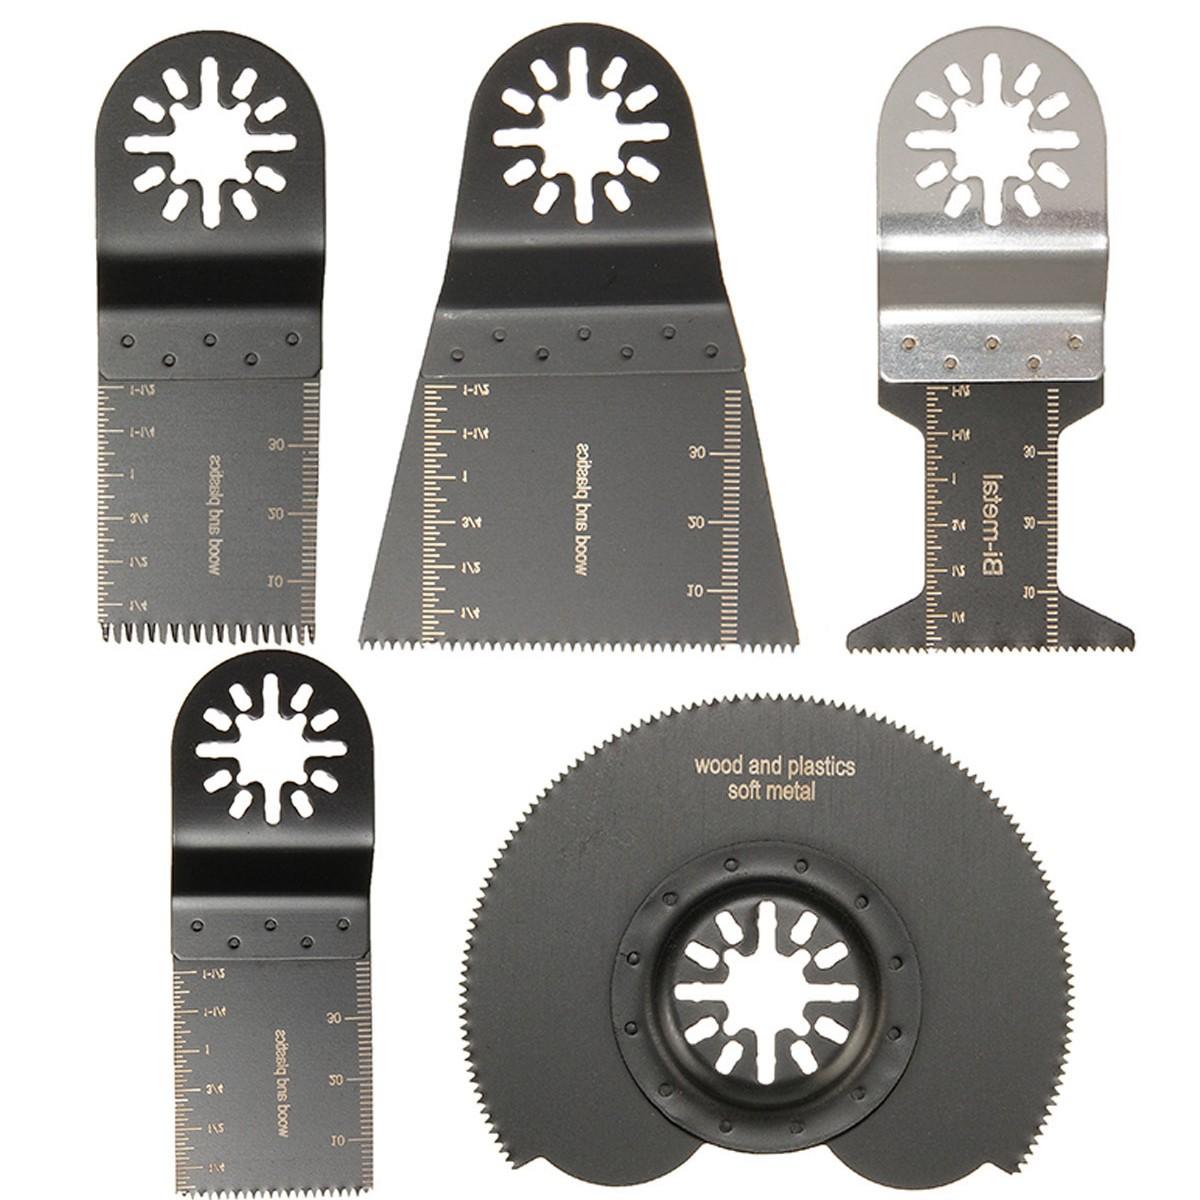 Sägeblätter Werkzeug Klingen für Parkside Workzone Einhell Challen Multi Kits